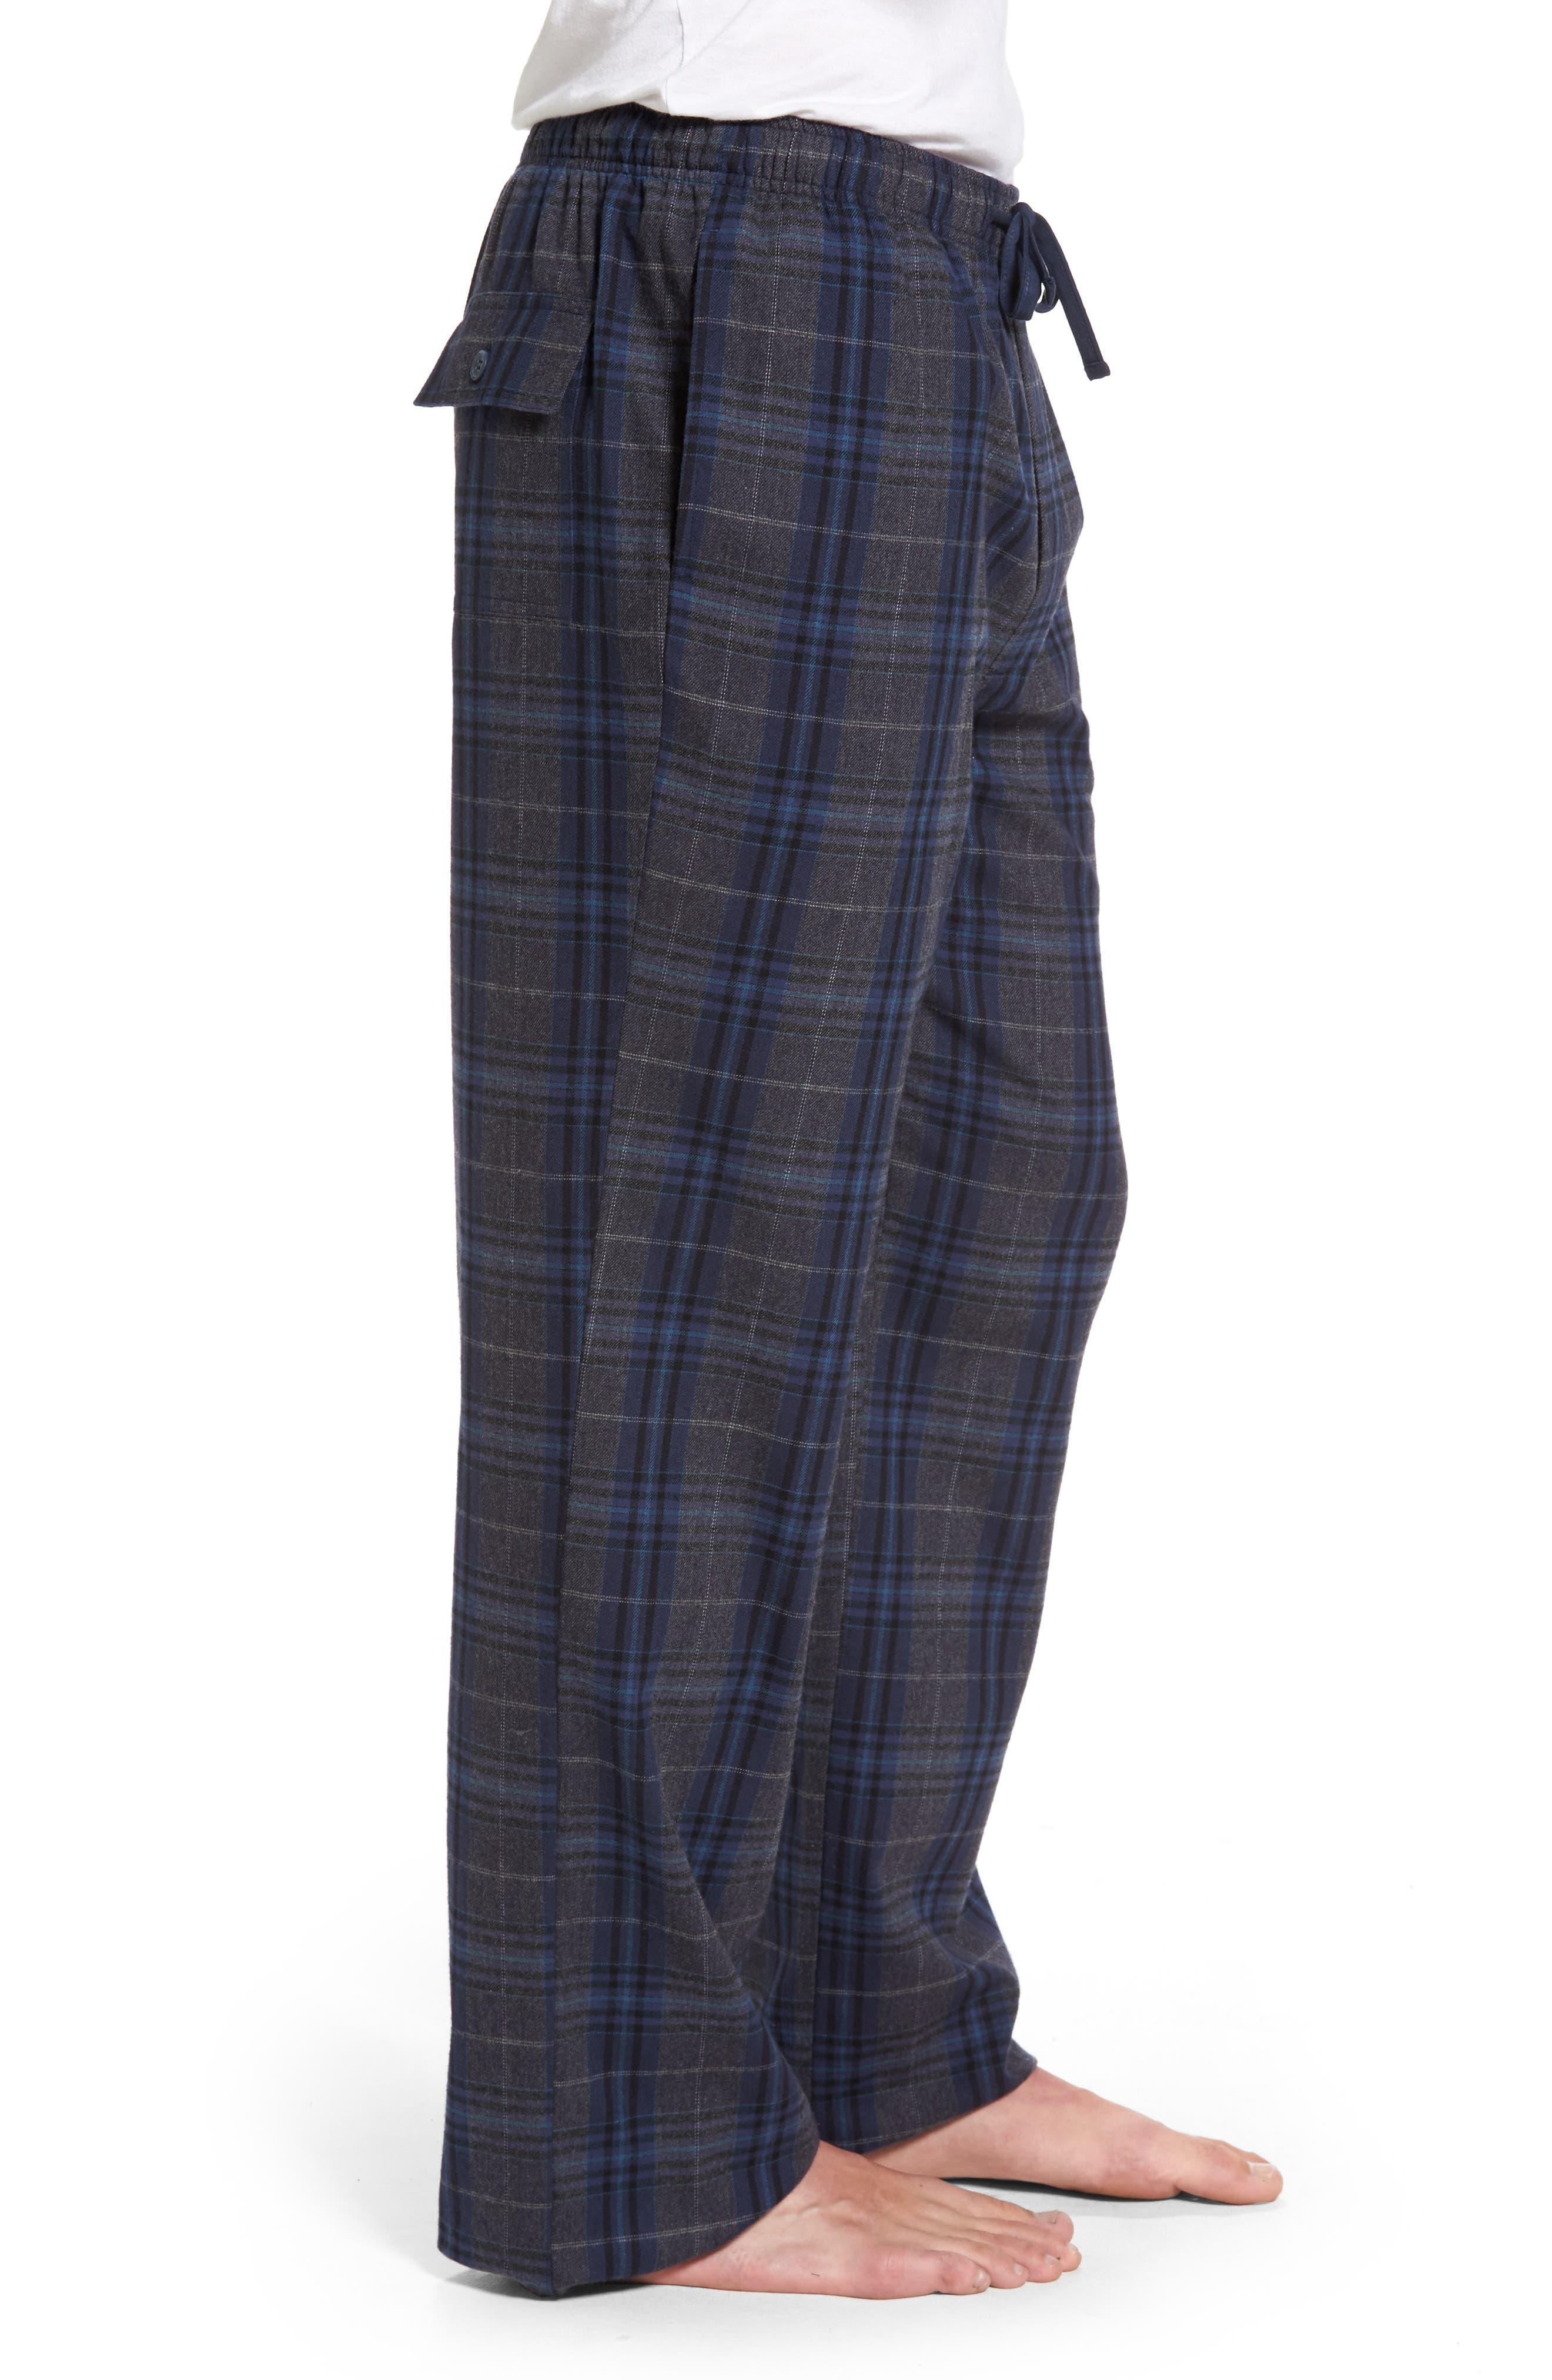 Bryson Plaid Flannel Lounge Pants,                             Alternate thumbnail 3, color,                             030